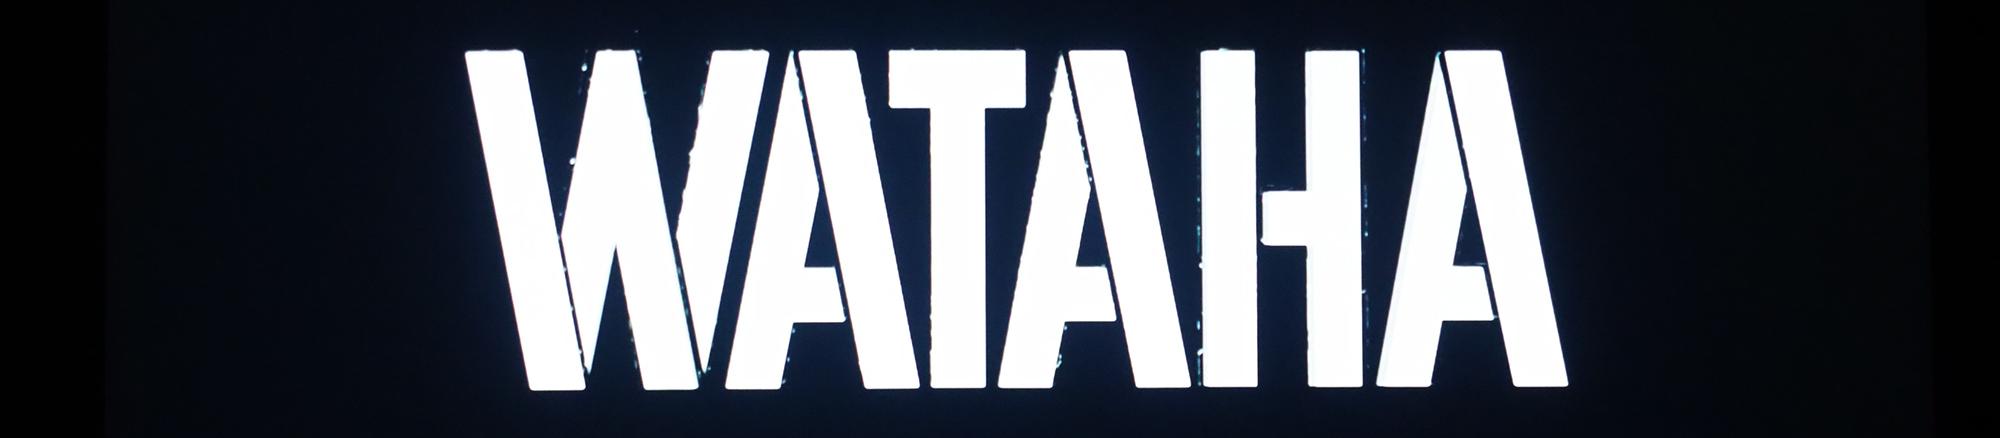 Serial kryminalny Wataha Bieszczady - miejsca, które pojawiły się na filmie